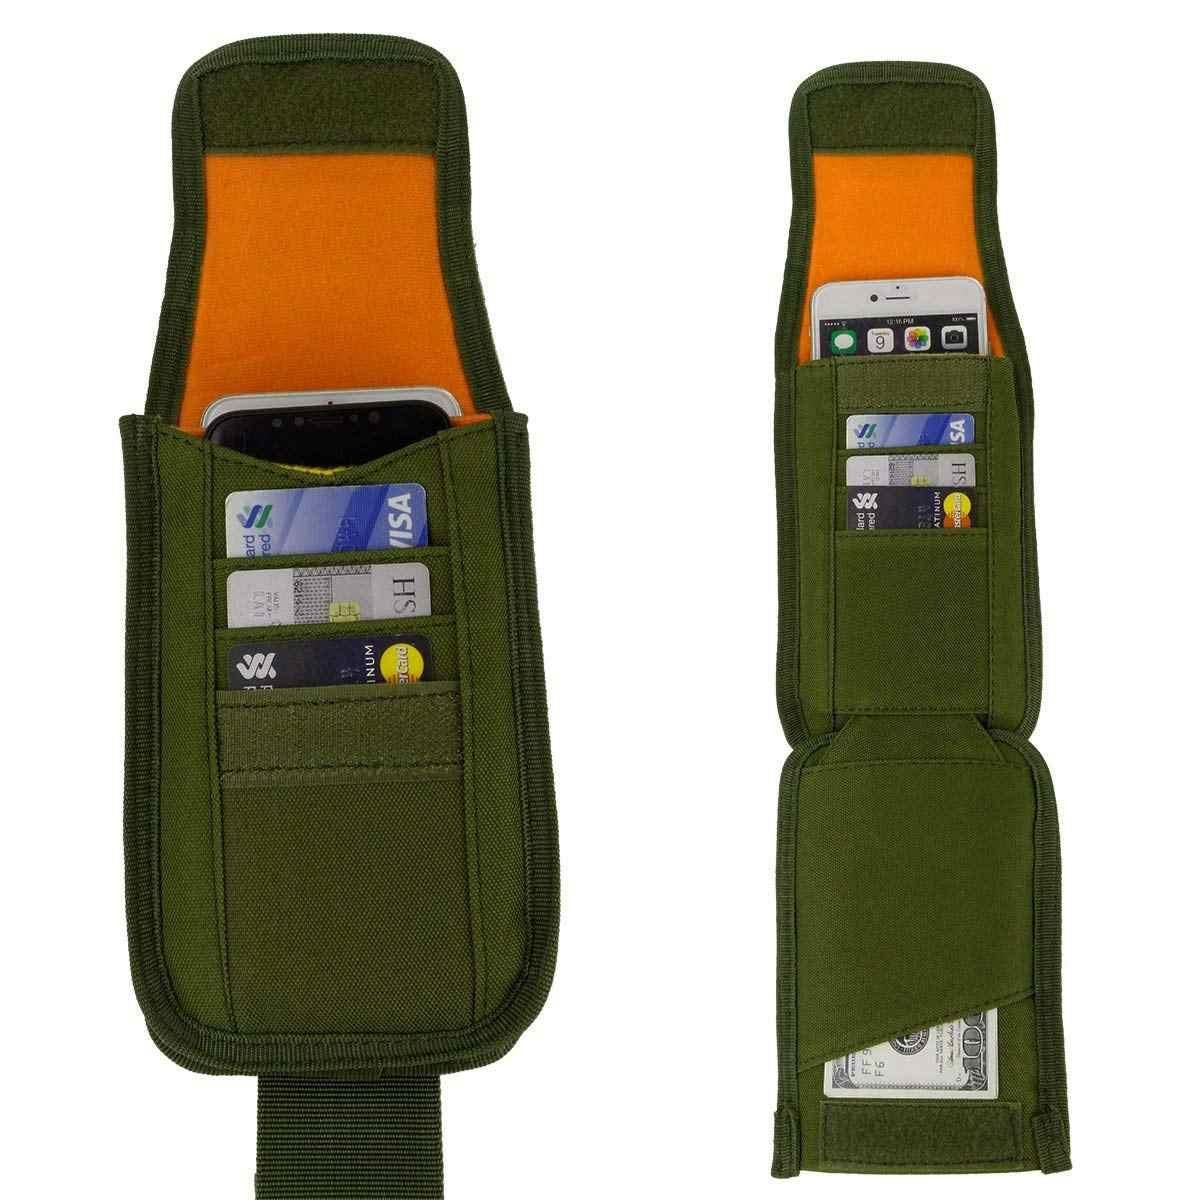 Chiến thuật Molle Bao Da Điện Thoại Ngoài Trời Vành Đai Thắt Lưng Túi Tiện Ích Vest Thẻ Tàu Sân Bay Túi Mini Multi-chức năng Gói Túi Du Lịch EDC Pouch